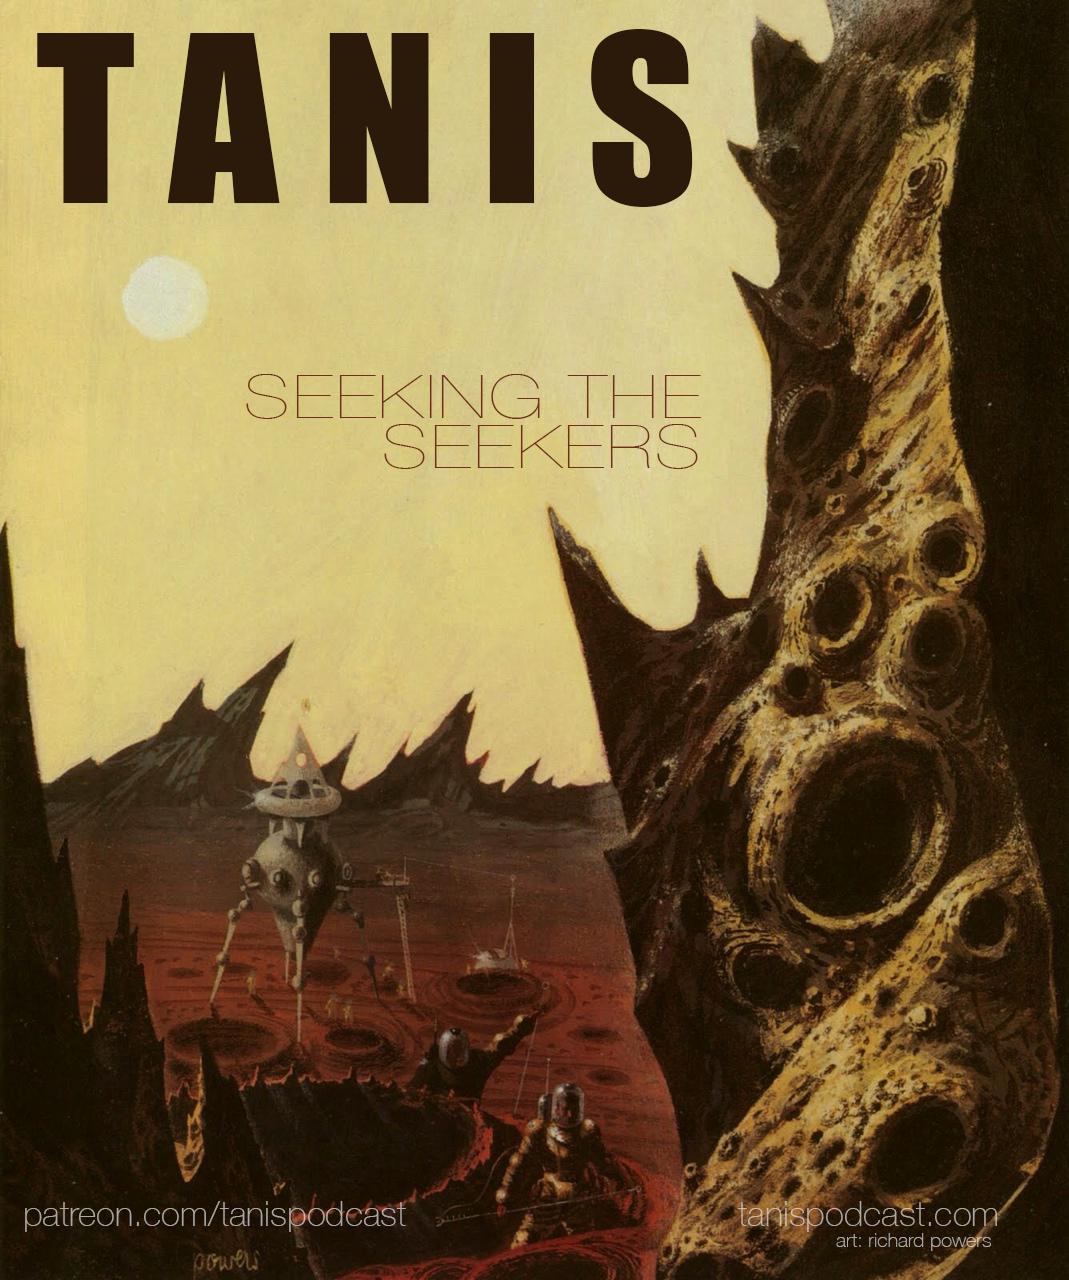 TANIS-SEEKING-SEEKERS2.png